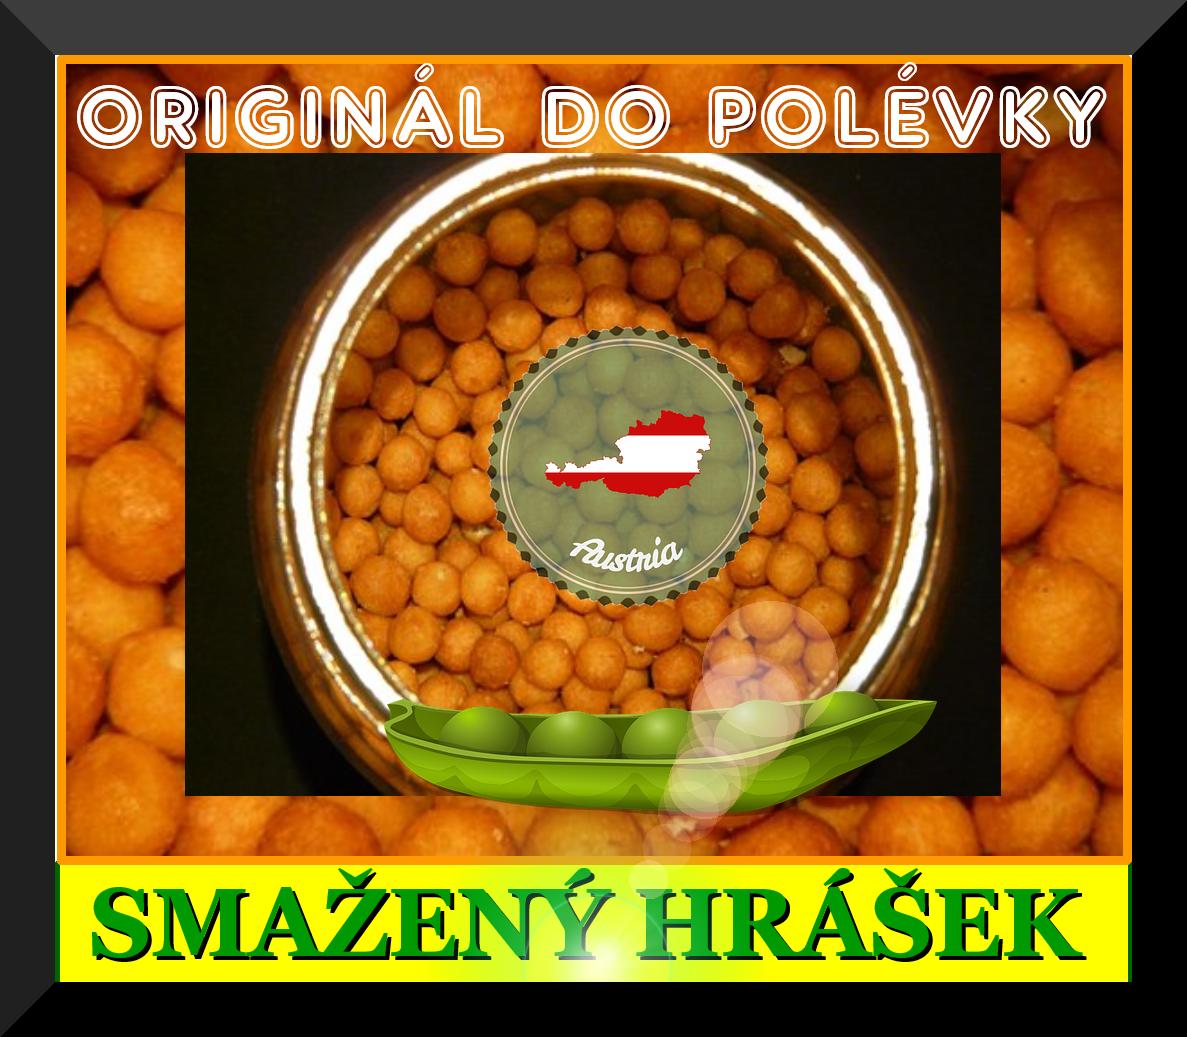 KORNGOLD - originální Rakouský křupavý (smažený) hrášek do polévky. Bez konzervantů. Složení: pšeničná mouka, palmový tuk, sůl, sušený vaječný žloutek prášek, sušené odtučněné mléko, droždí. Množství 310 g. Ideální příloha do polévek.